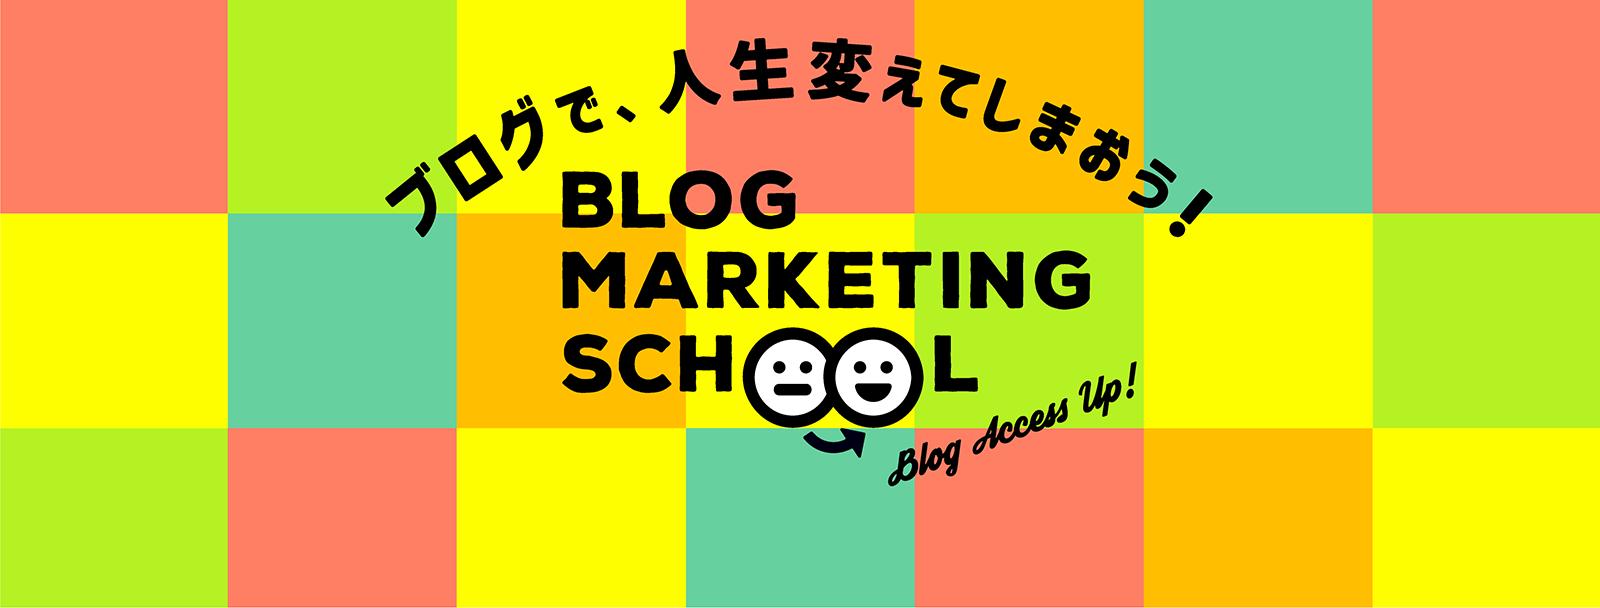 ブログマーケティングスクール